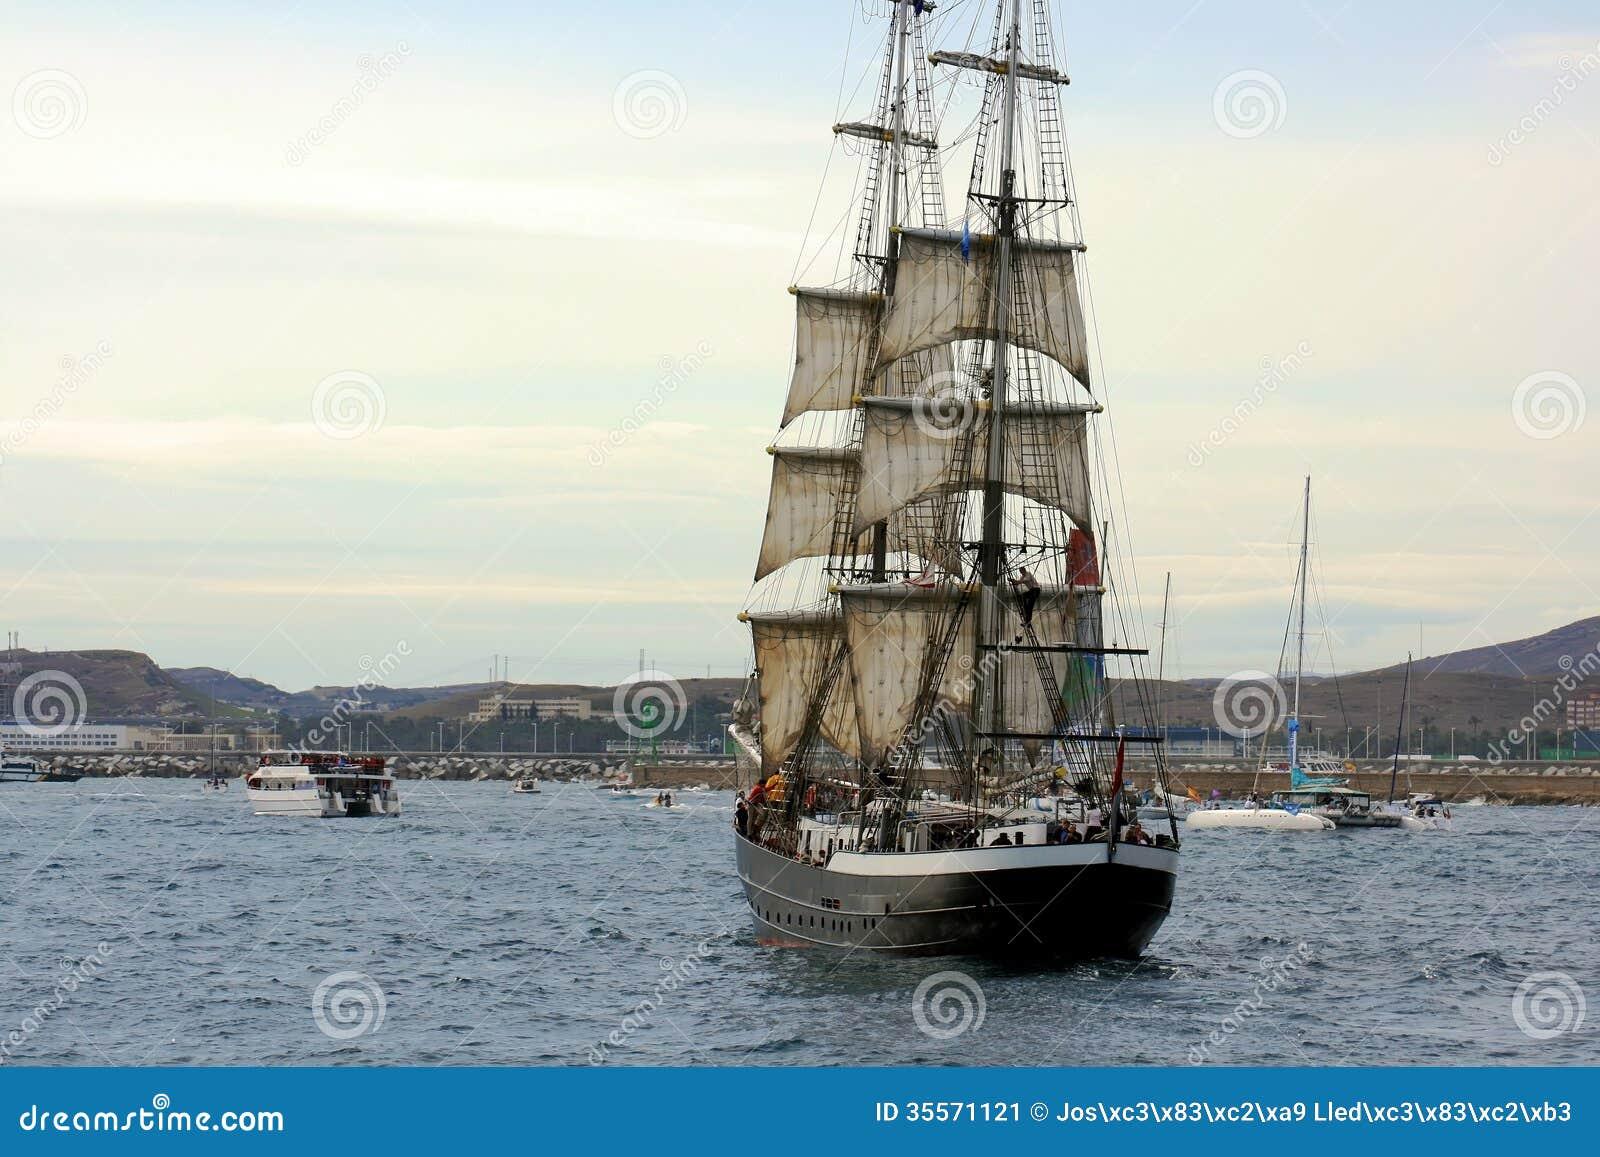 Ancient Sailing Boat Stock Image - Image: 35571121